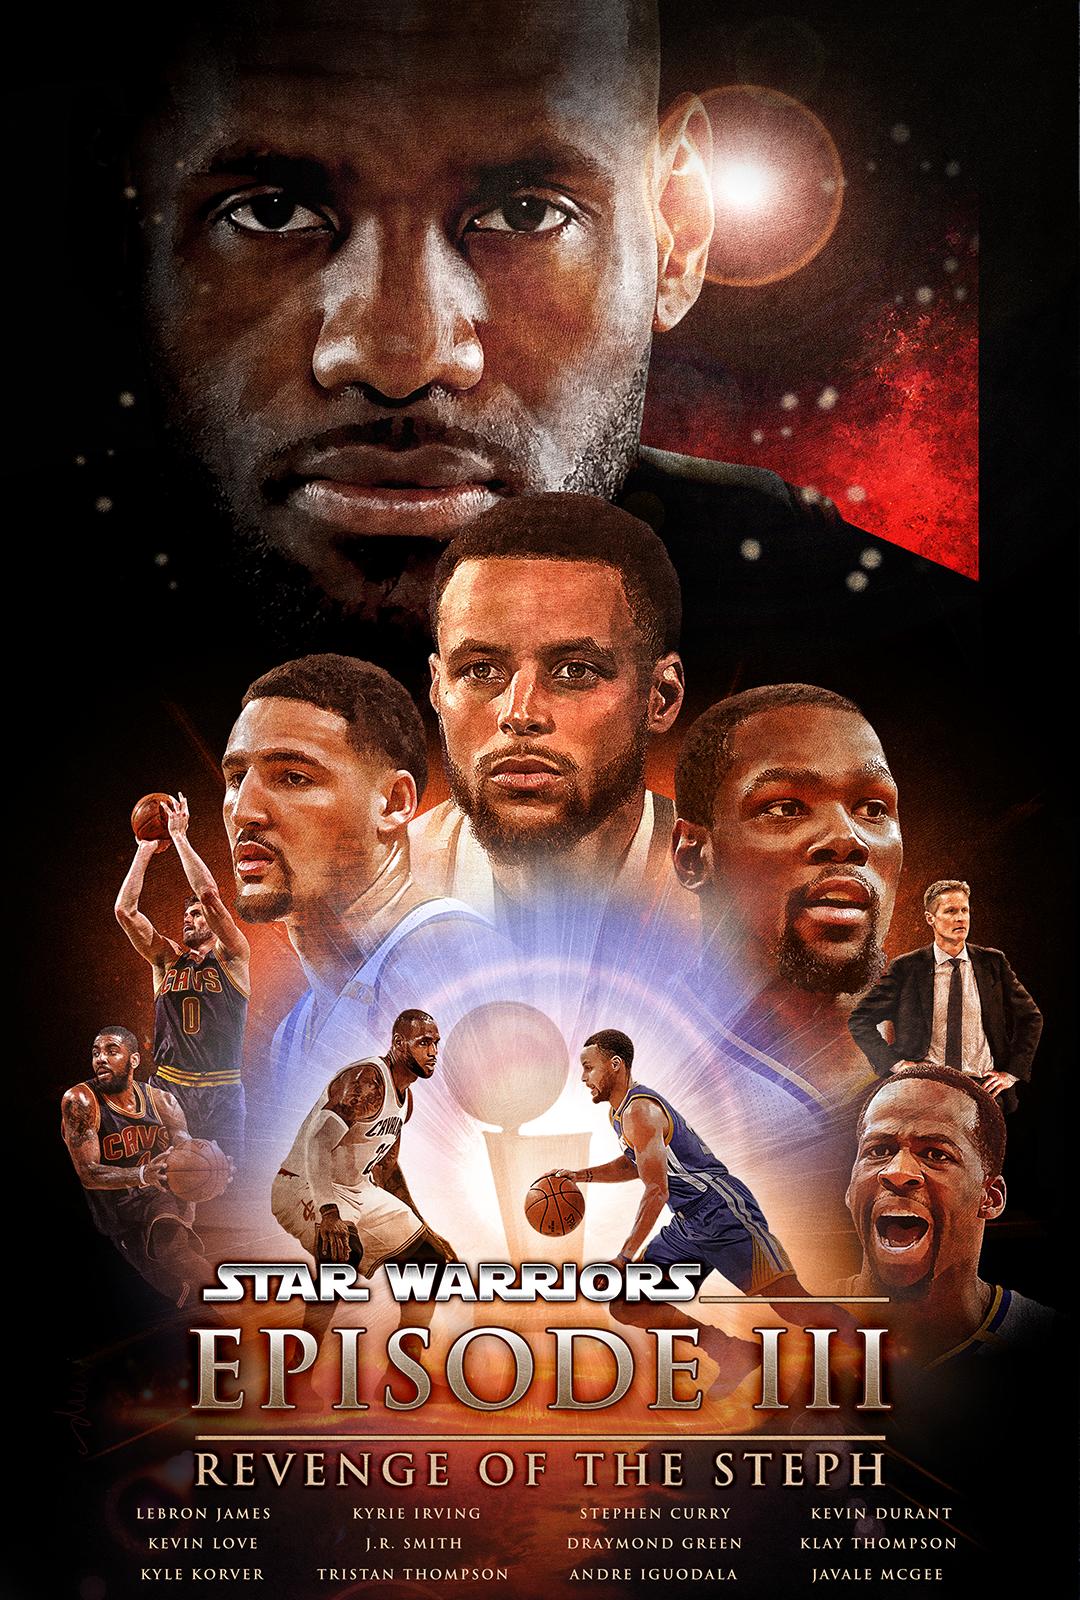 NBA Finals movie poster for Bleacher Report on Behance